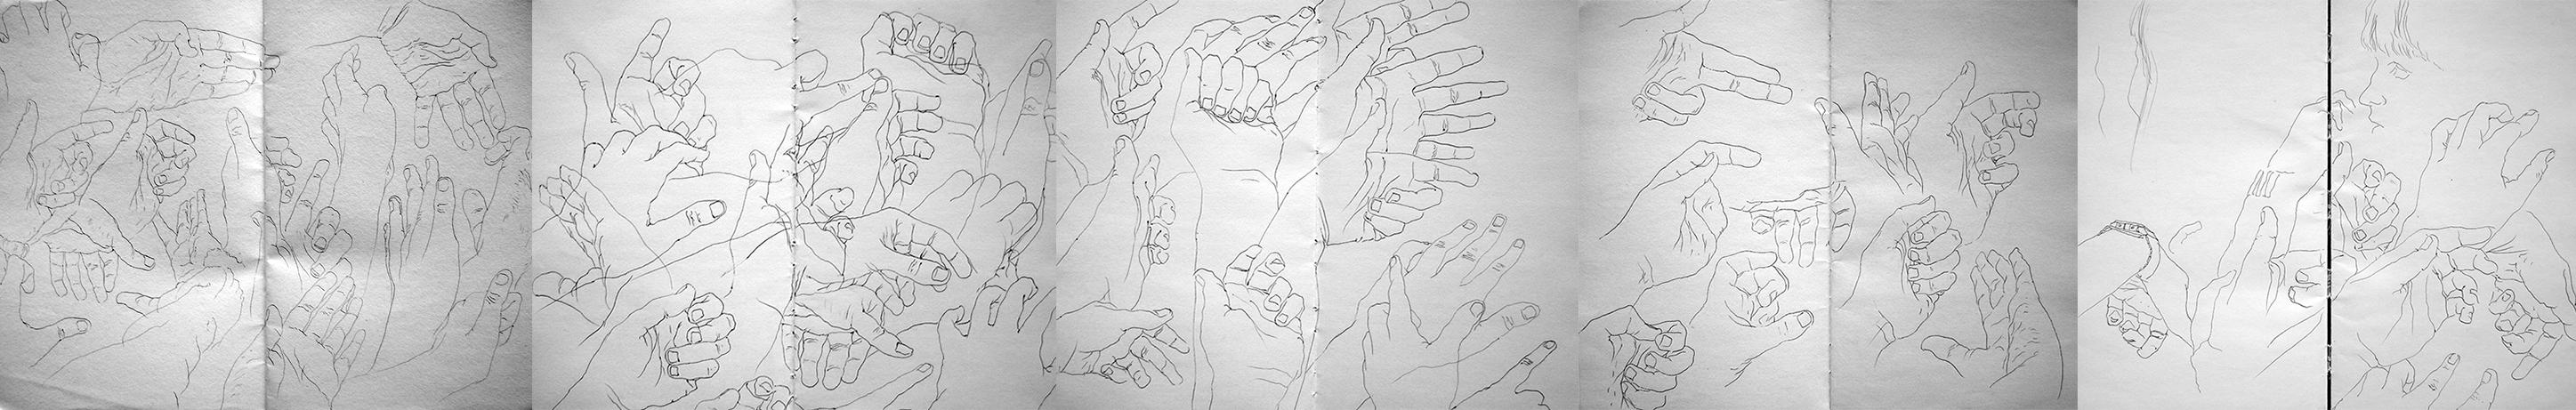 doodles_hands_drawing_grande_001